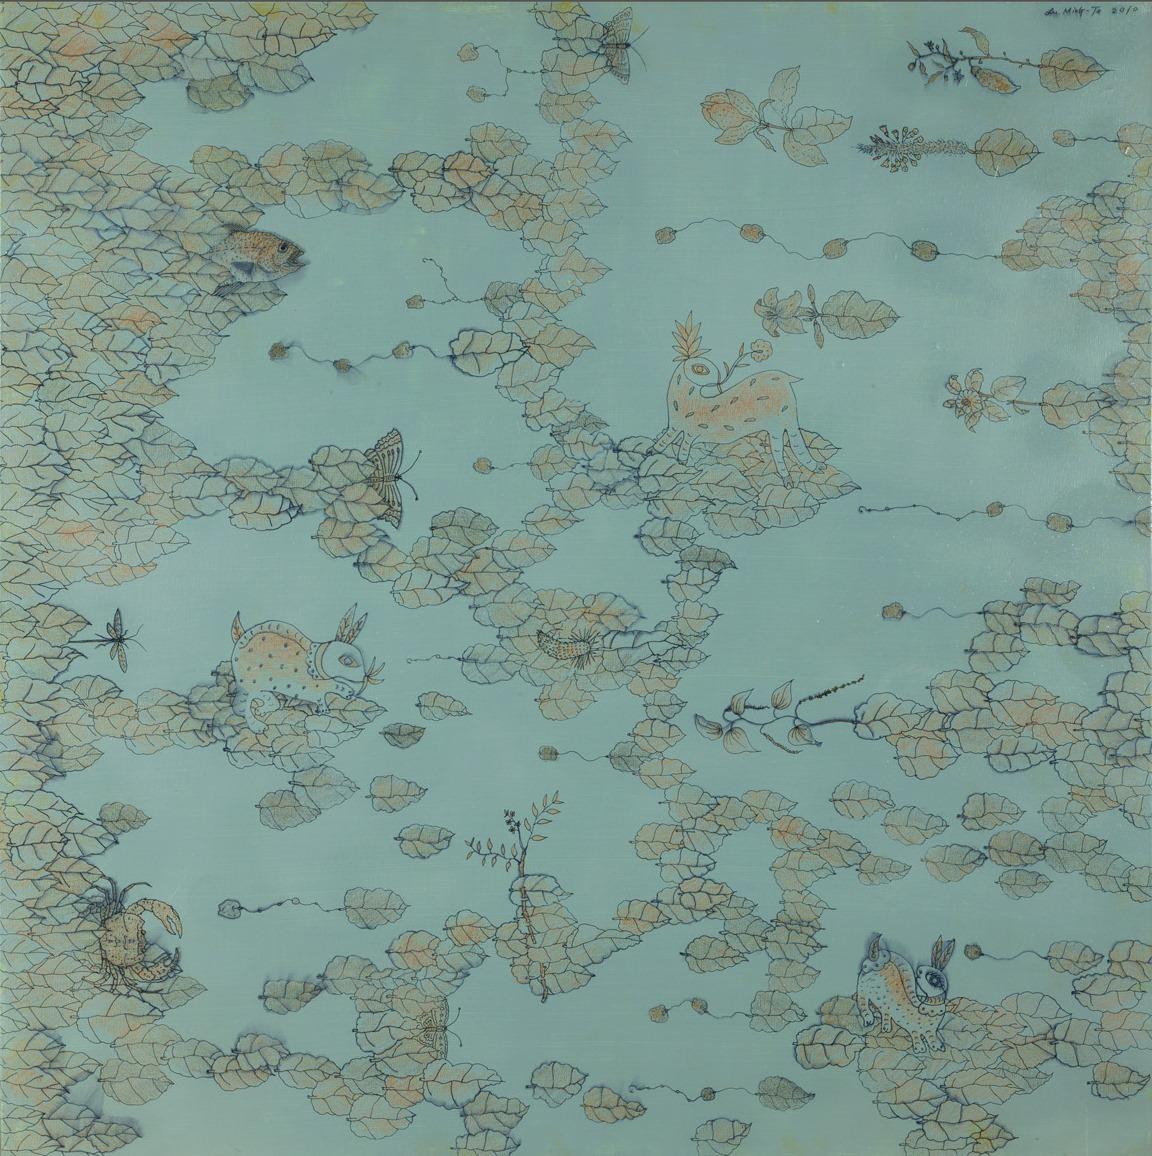 雲端社群  105x105cm  2012  複合媒材